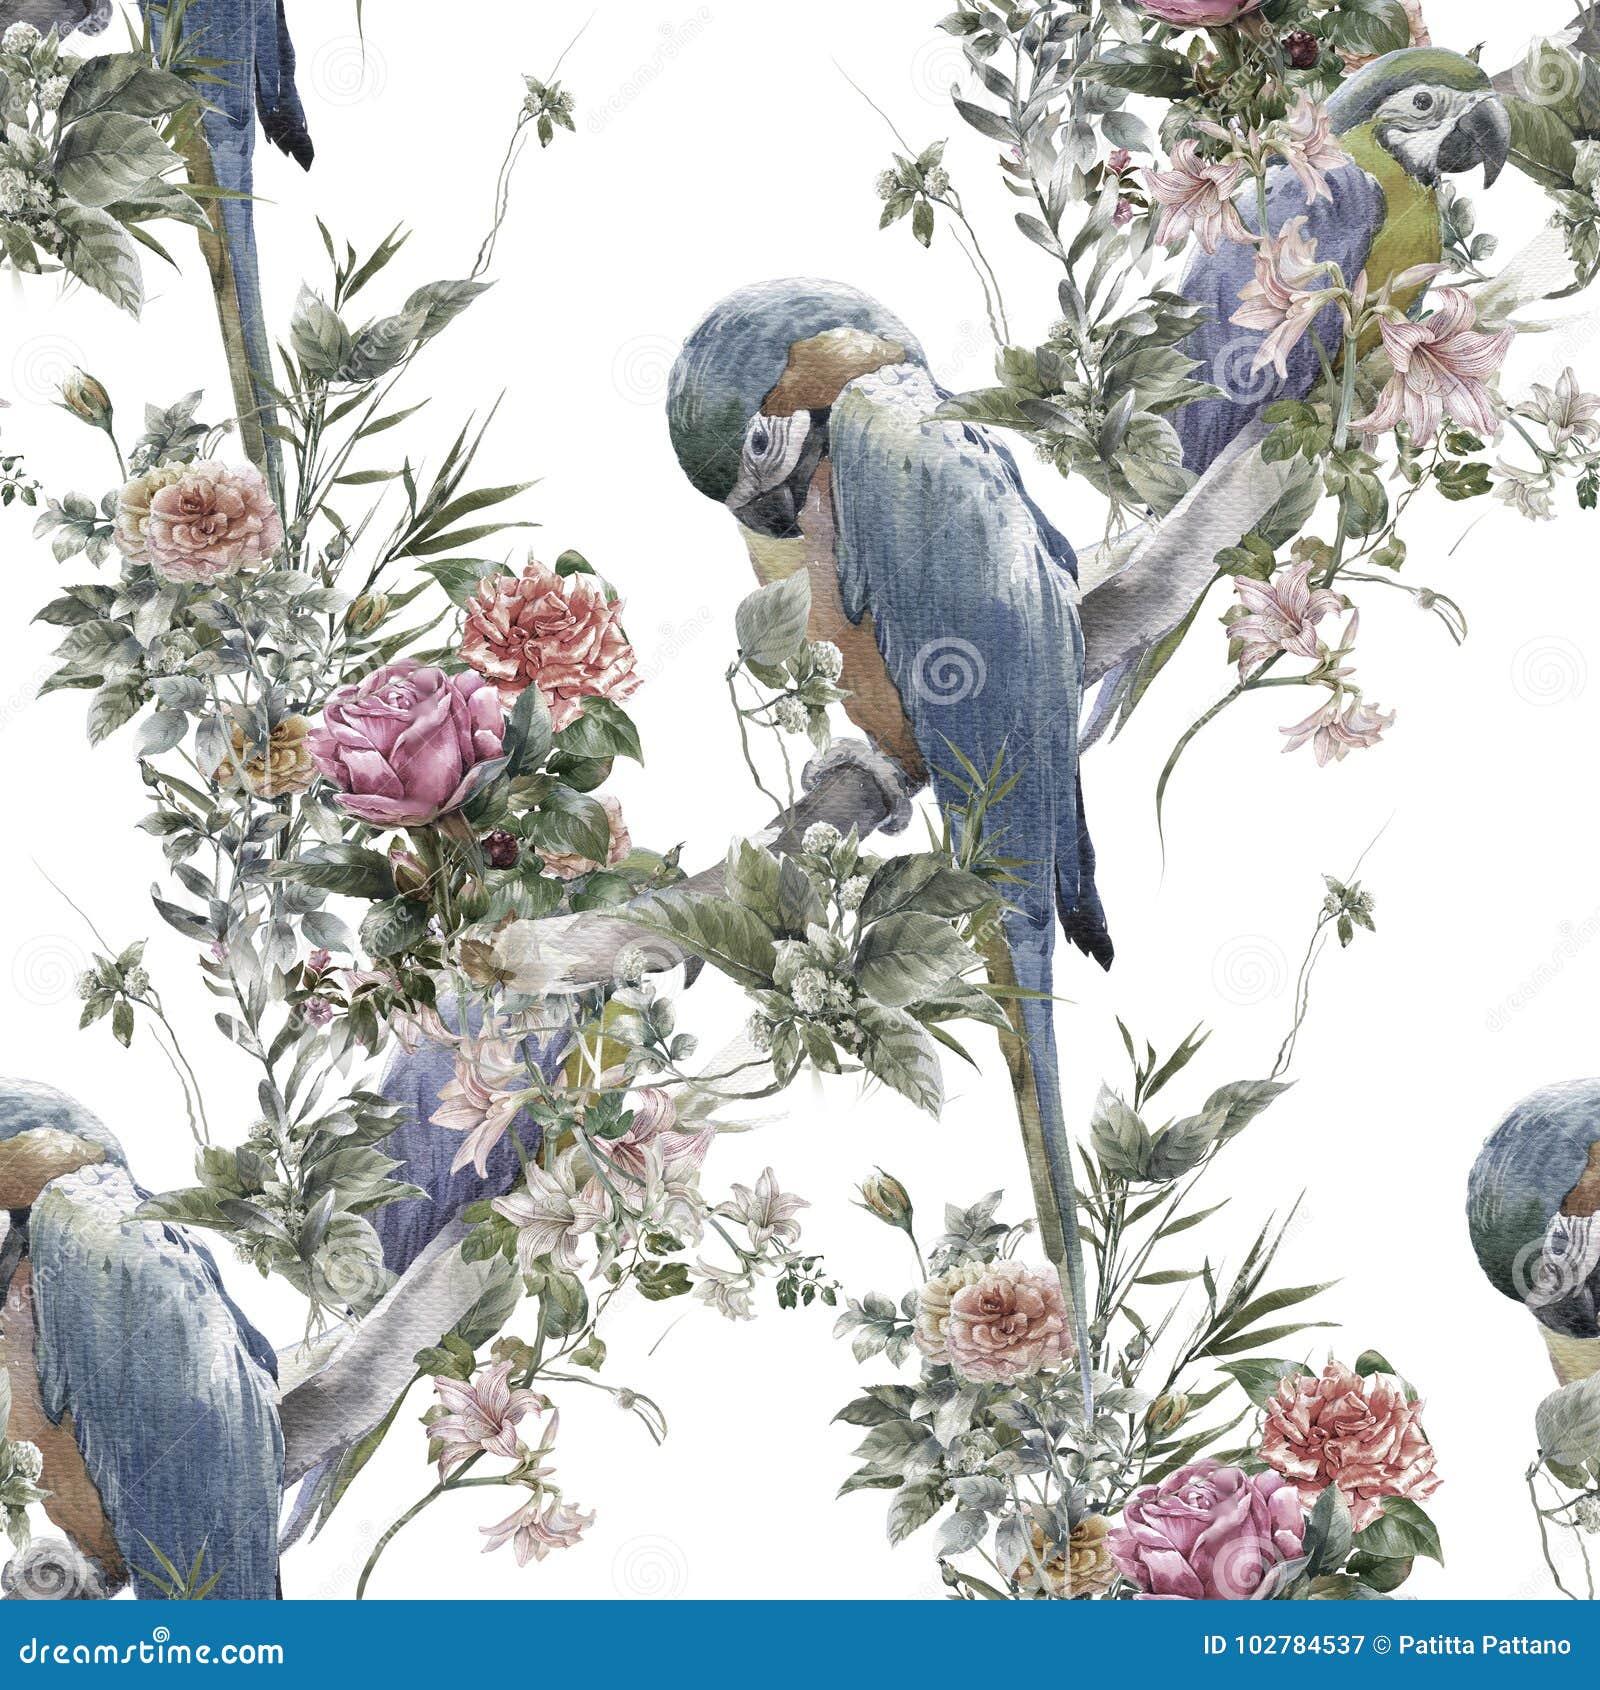 Ζωγραφική Watercolor με τα πουλιά και τα λουλούδια, άνευ ραφής σχέδιο στο άσπρο υπόβαθρο